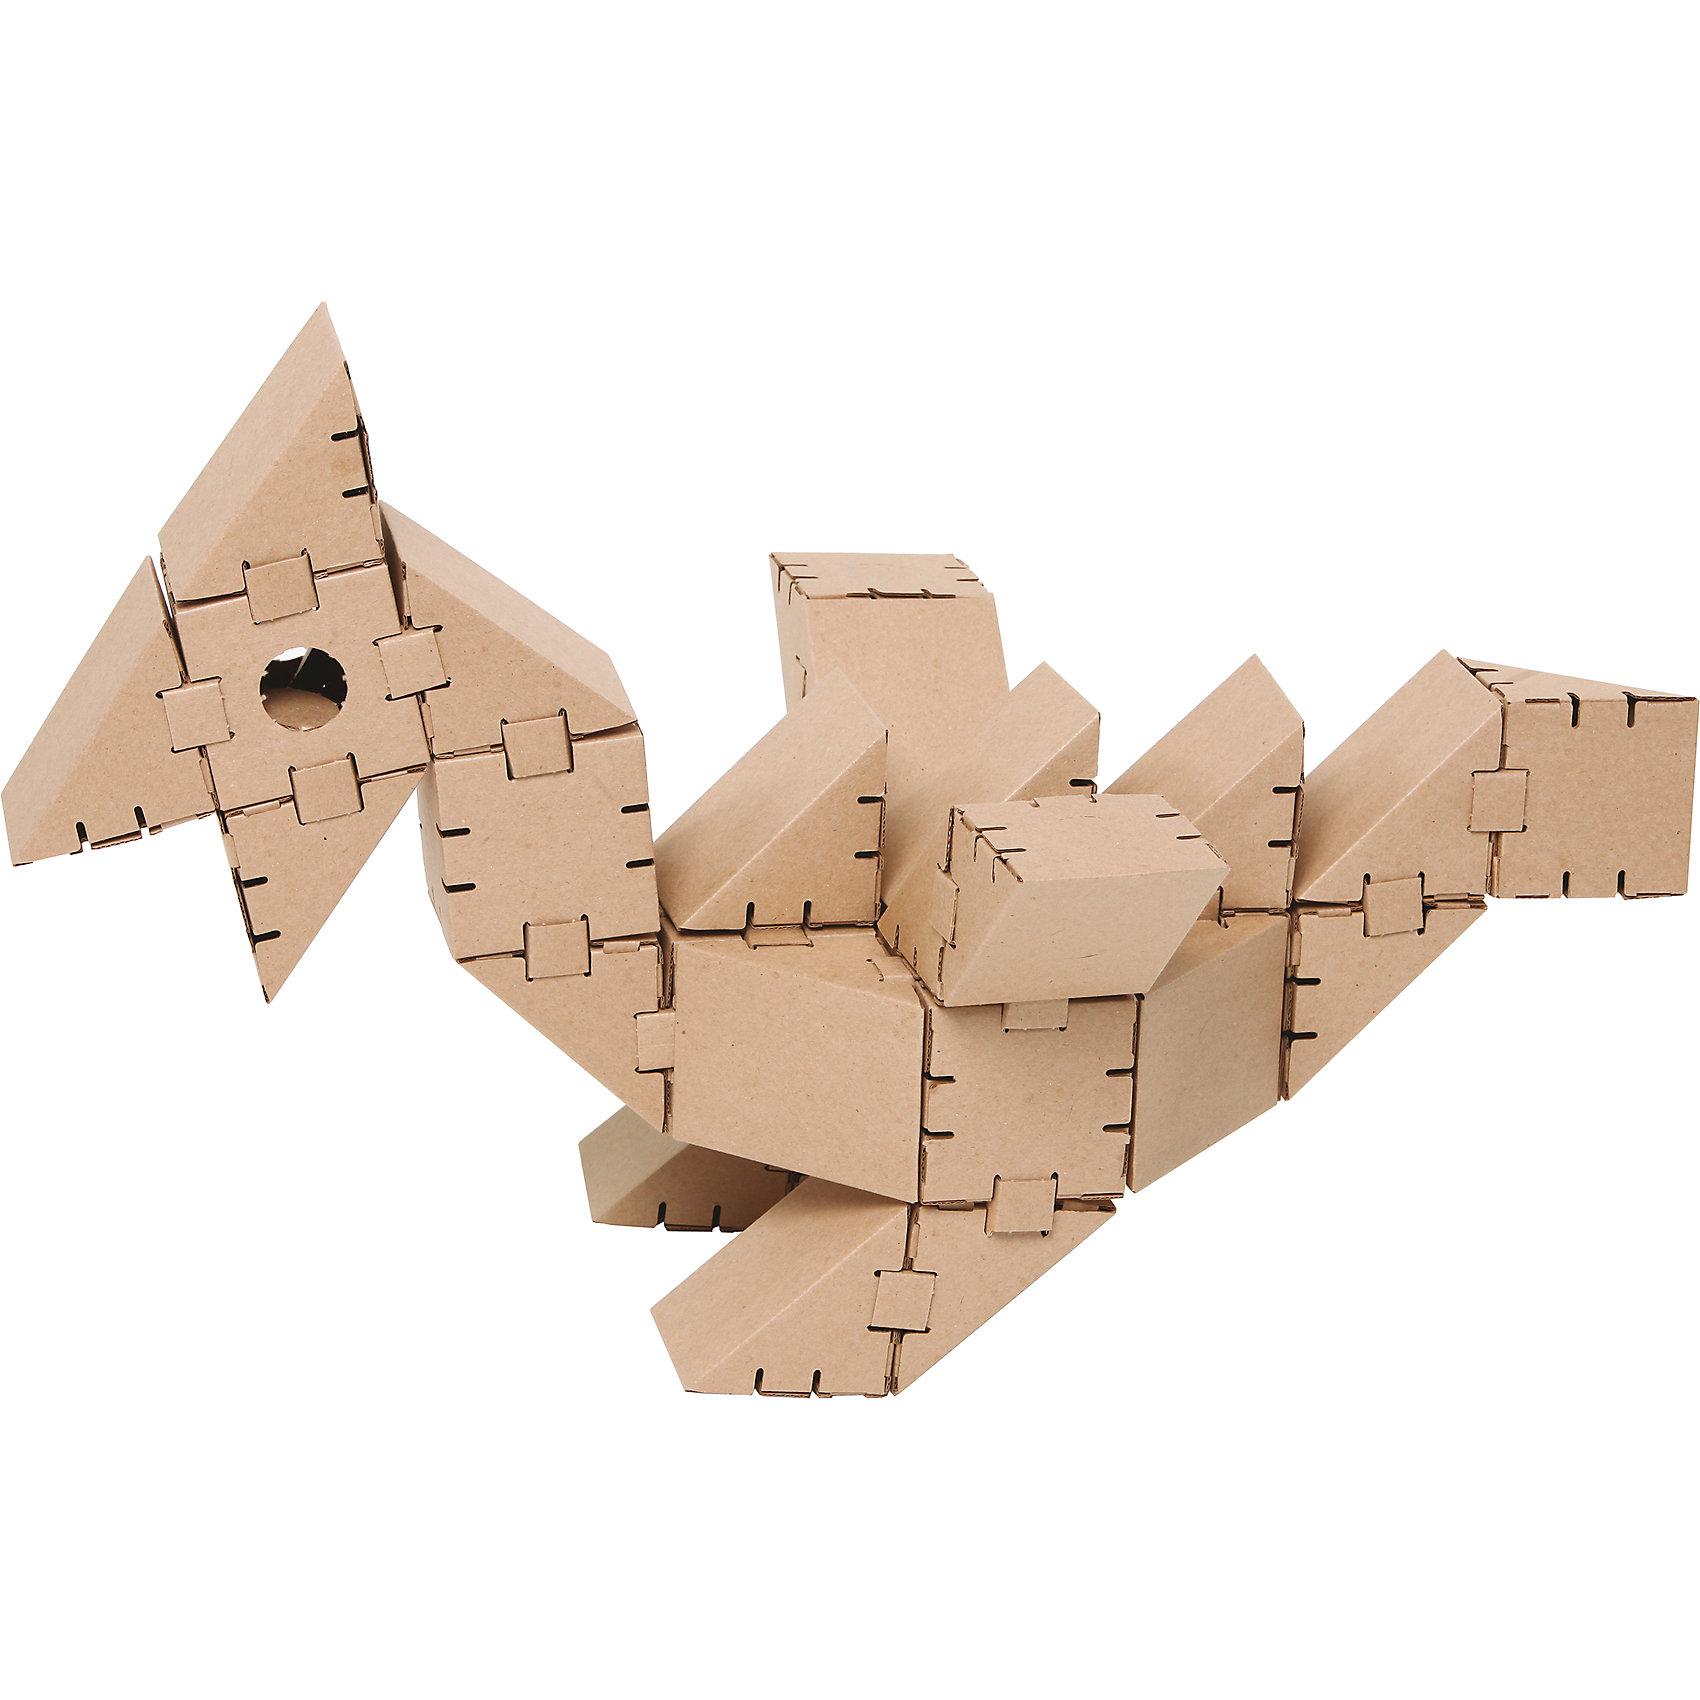 Картонный конструктор Динозавр Птеро, YohocubeБренды конструкторов<br>Картонный конструктор Динозавр Птеро, Yohocube (Йохокуб).<br><br>Характеристика:<br><br>• Материал: усиленный картон (1,5 мм). <br>• Размер упаковки: 37х31х5,5 см. <br>• Размер одного кубика: 8 см. <br>• 30 деталей. <br>• Развивает моторику рук, внимание, пространственное мышление и воображение. <br>• Картонную фигурку можно раскрасить.<br> <br>С помощью этого набора ребенок сможет собрать своего собственного ручного динозавра! Все детали выполнены из прочного экологичного картона, они надежно и легко крепятся друг к другу, не рассыпаются и не мнутся. Прекрасный подарок на любой праздник! <br>Конструирование - отличный вид творческой деятельности, в процессе которого развивается внимание, моторика рук, пространственное мышление и воображение. <br><br>Картонный конструктор Динозавр Птеро, Yohocube (Йохокуб), можно купить в нашем магазине.<br><br>Ширина мм: 370<br>Глубина мм: 310<br>Высота мм: 55<br>Вес г: 800<br>Возраст от месяцев: 72<br>Возраст до месяцев: 144<br>Пол: Унисекс<br>Возраст: Детский<br>SKU: 5154031